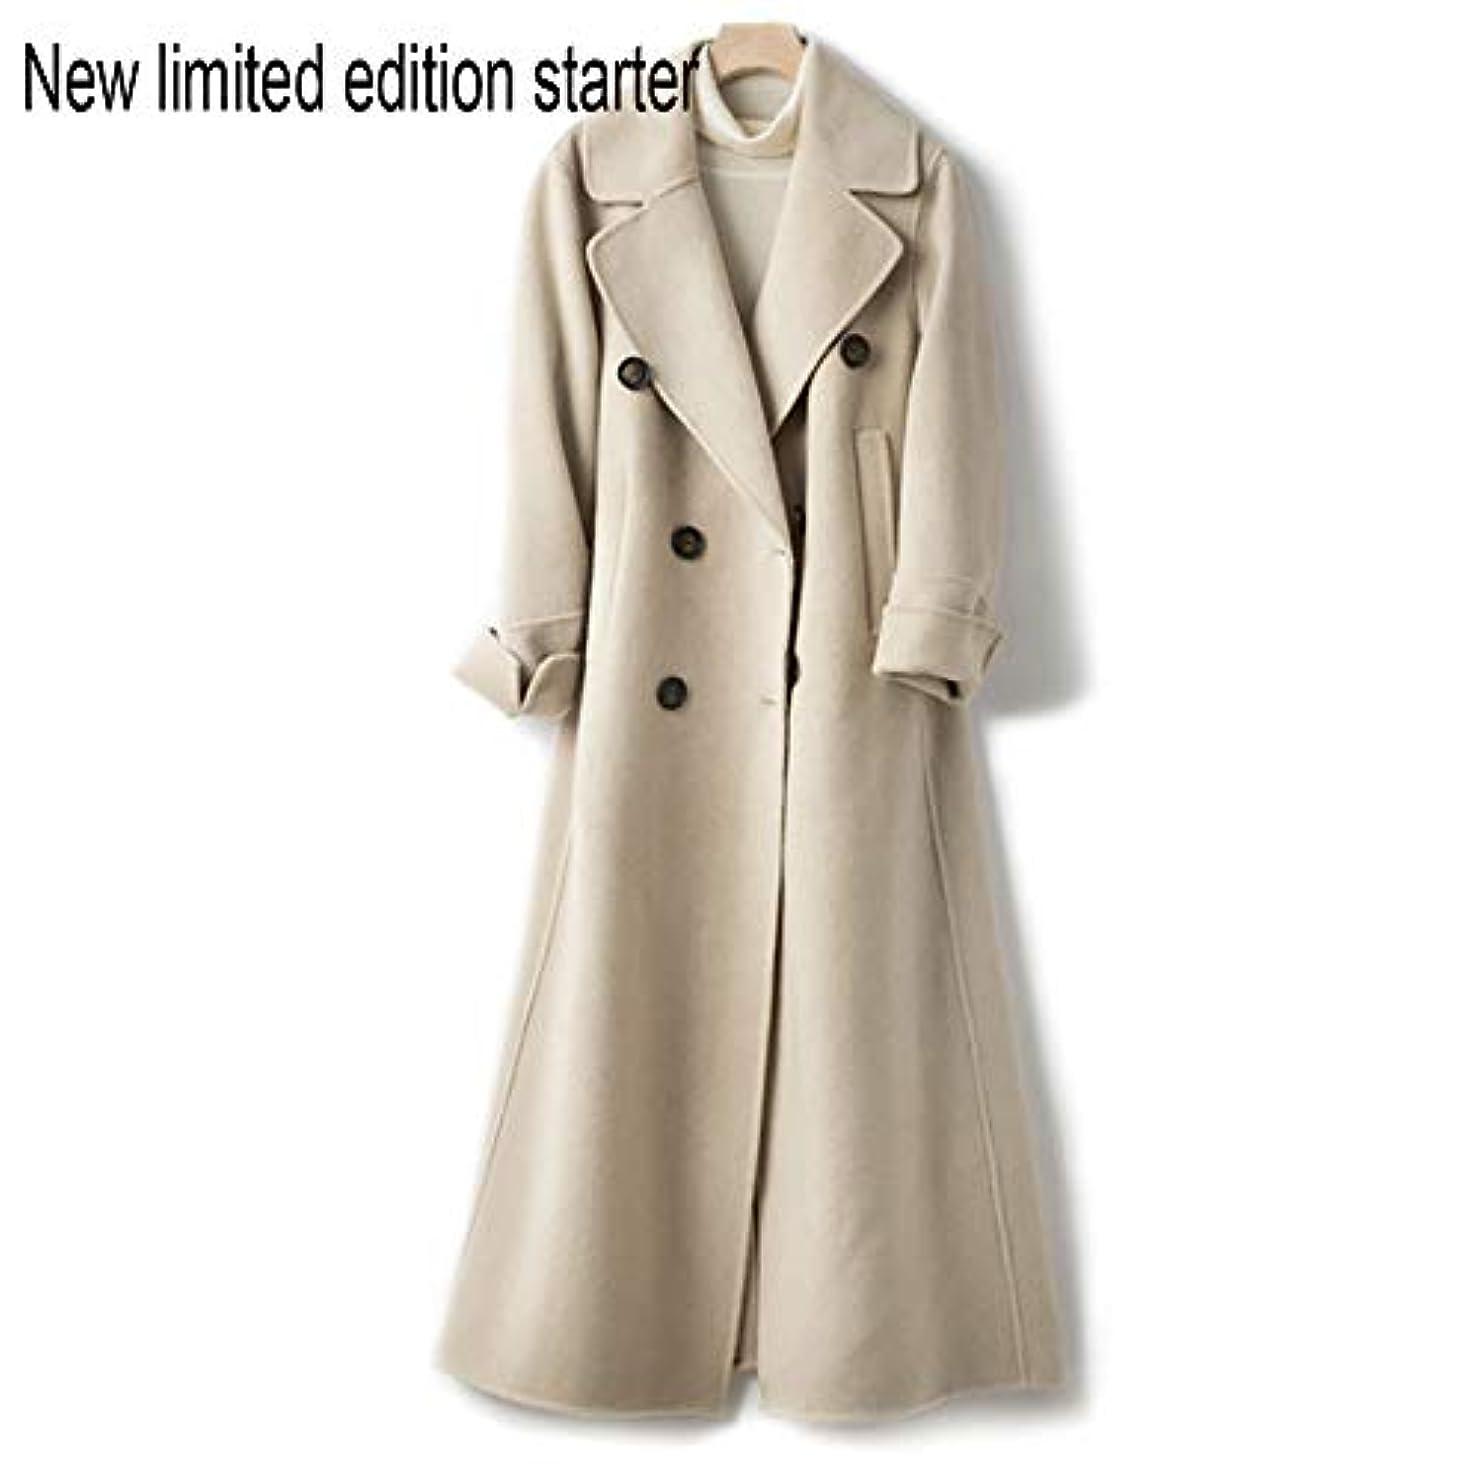 破裂子音ウールウールコート、ウエストの両面ウールコートと長い女性服19秋と冬の新しいウールコート女性の長いブレザーコート,C,S